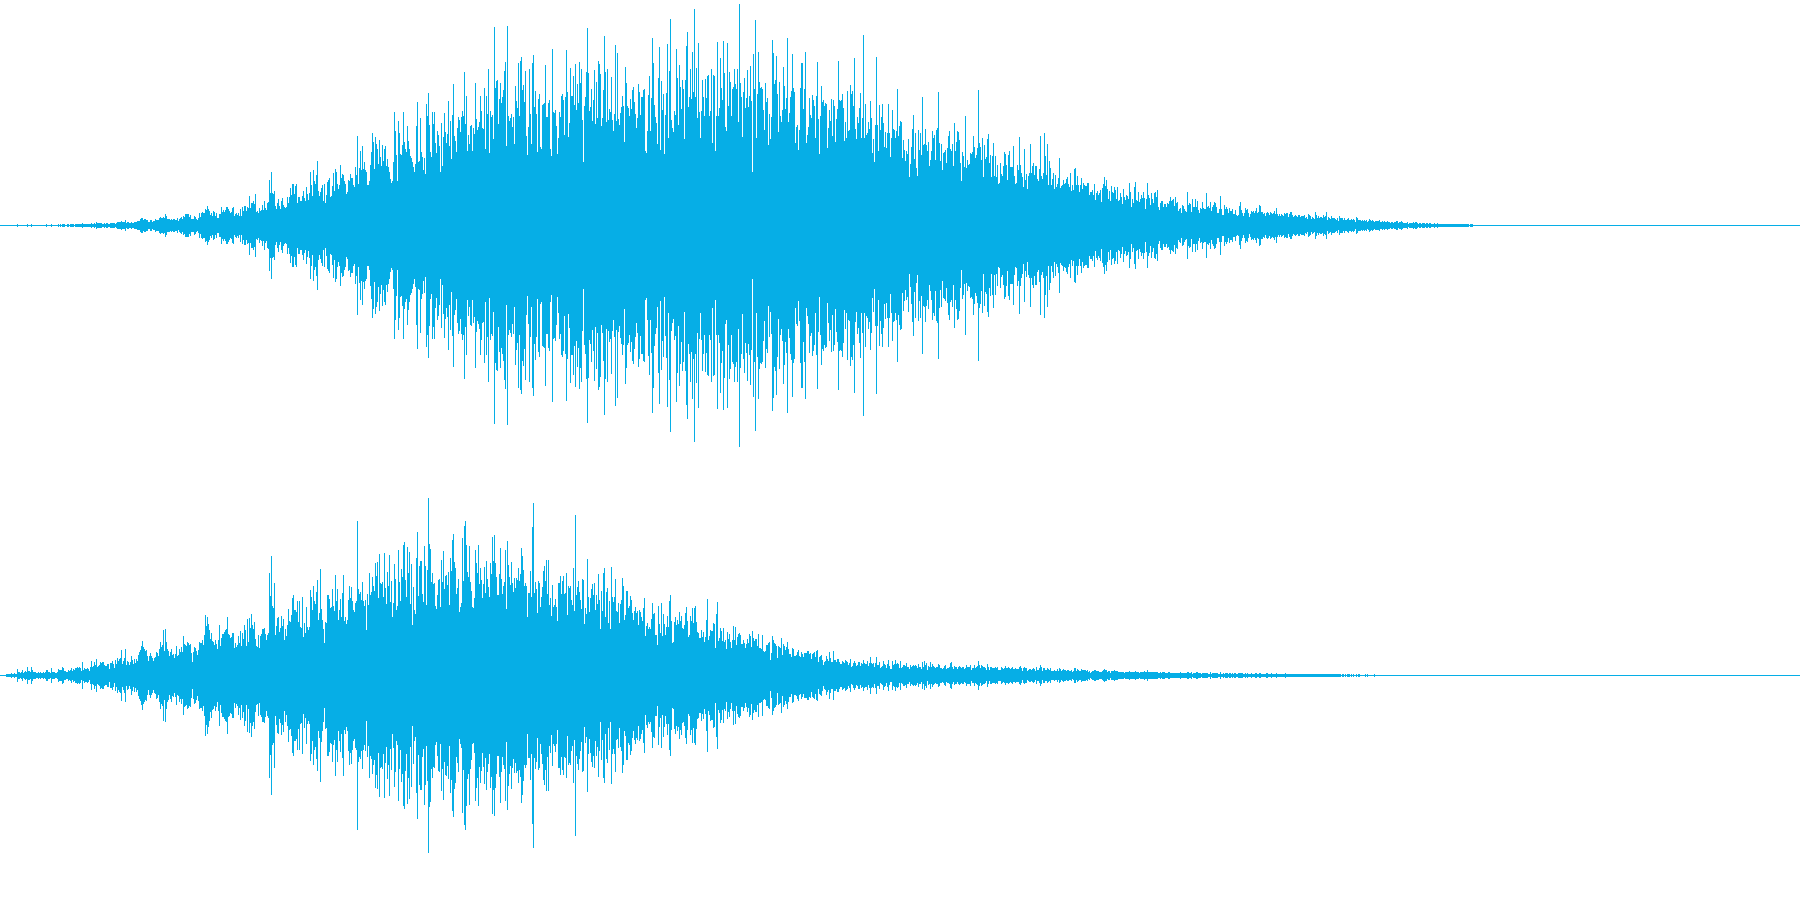 音侍SE「フルフル〜」軽快な振り鈴R-Lの再生済みの波形